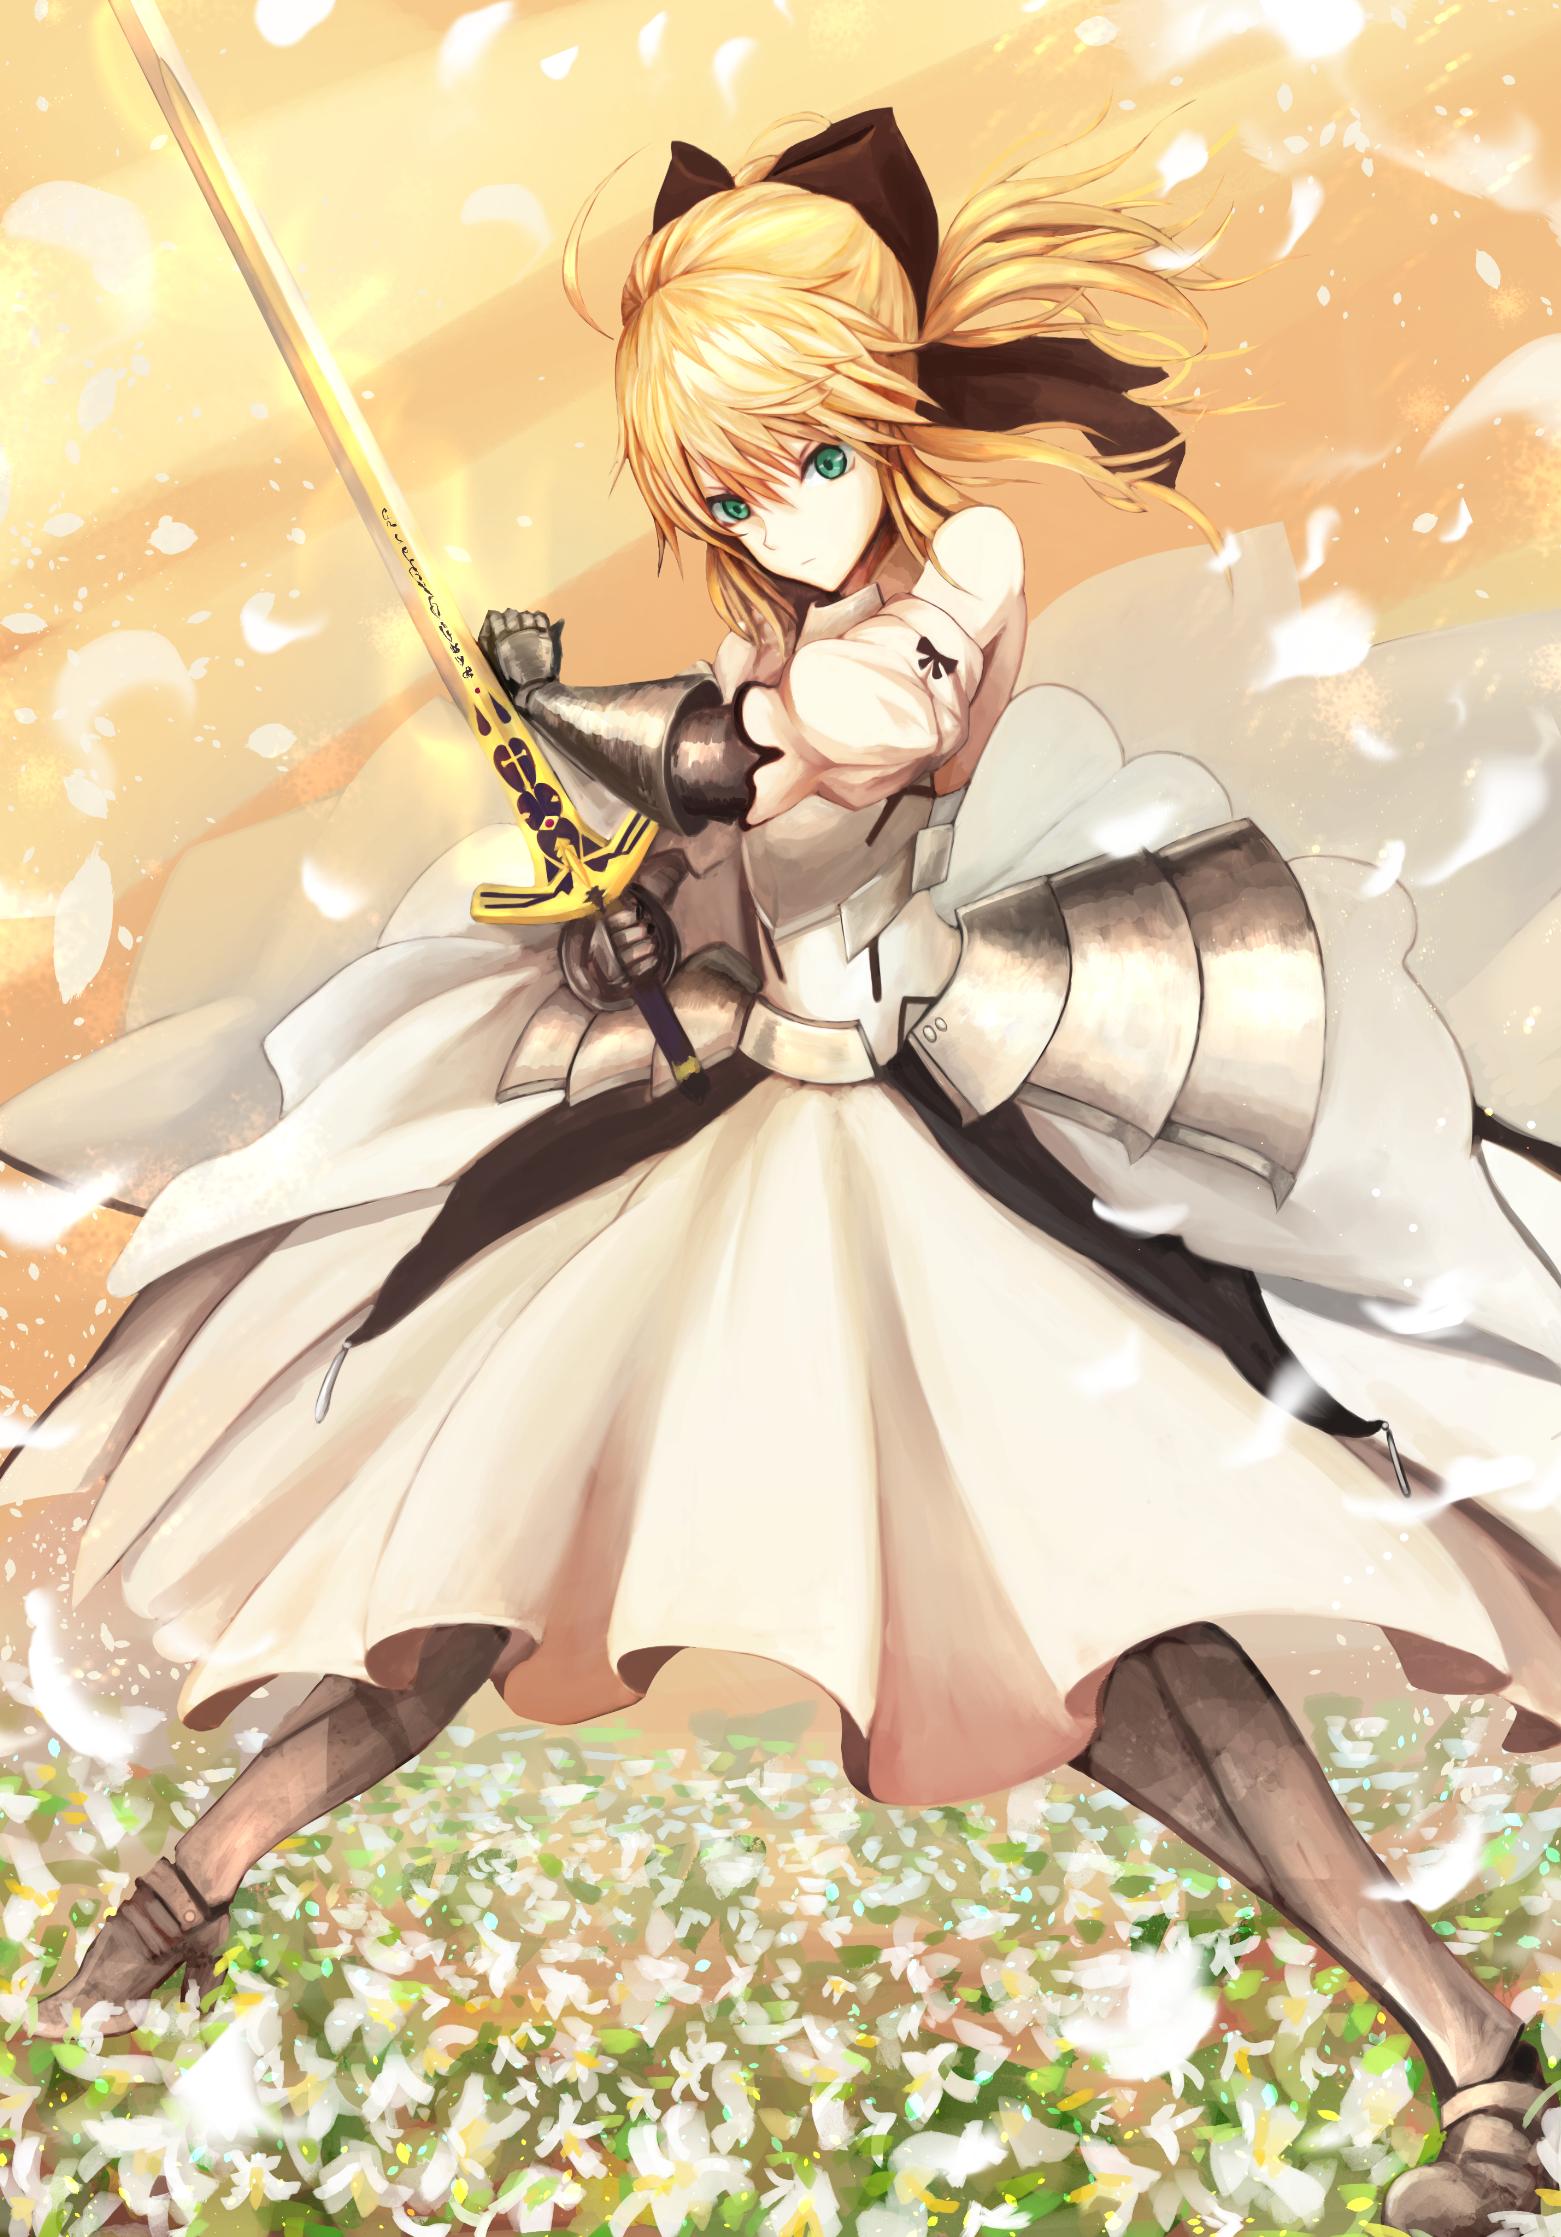 wallpaper illustration blonde anime girls short hair